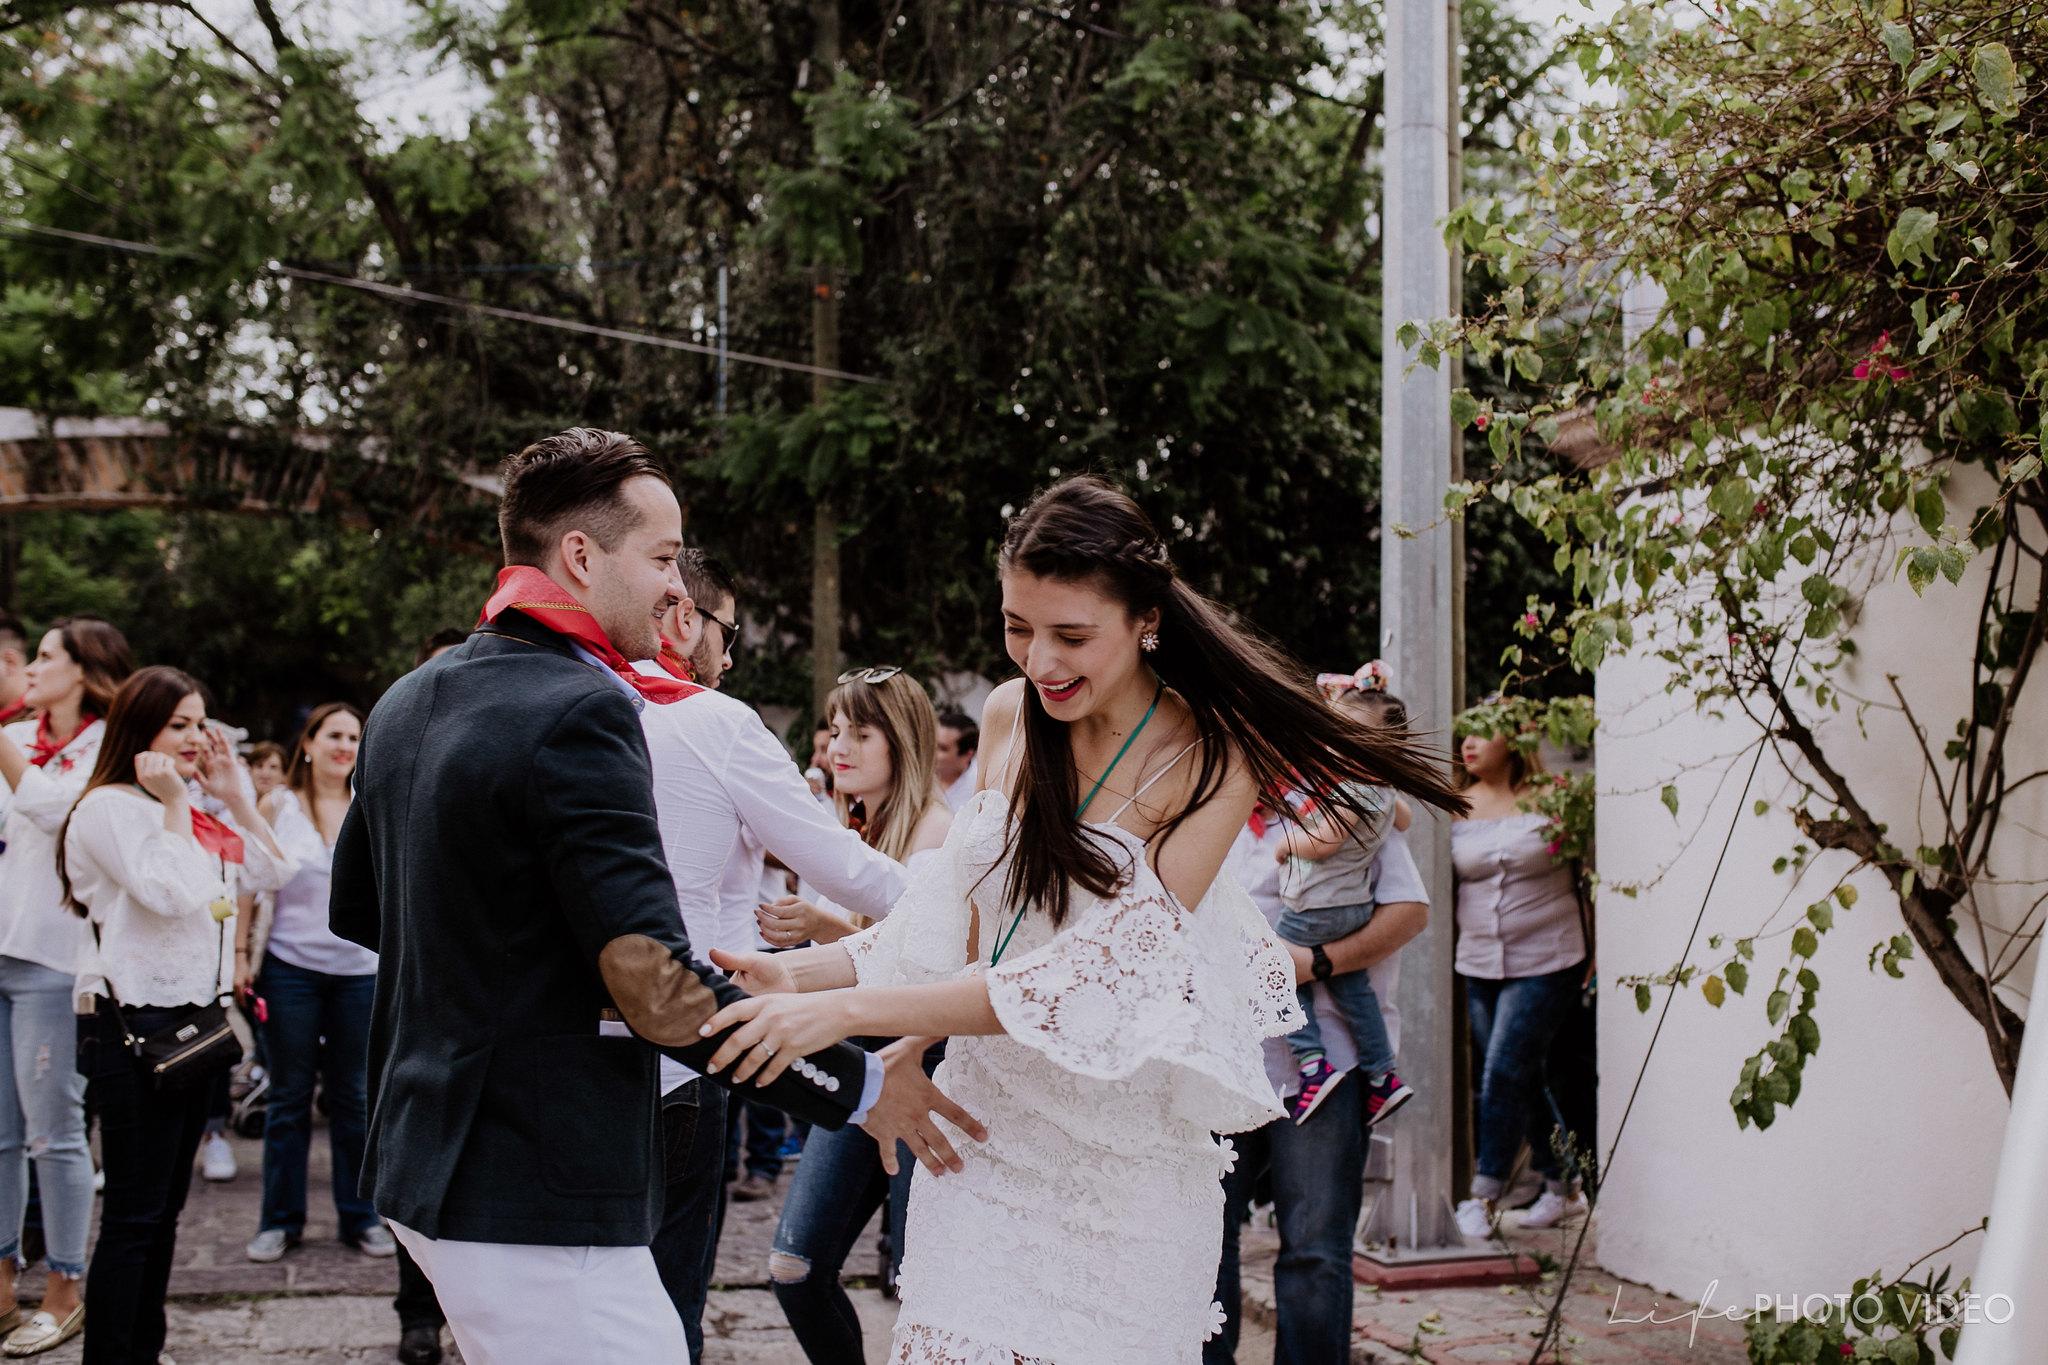 SanMigueldeAllende_Wedding_Callejoneada_Vaquillada_0052